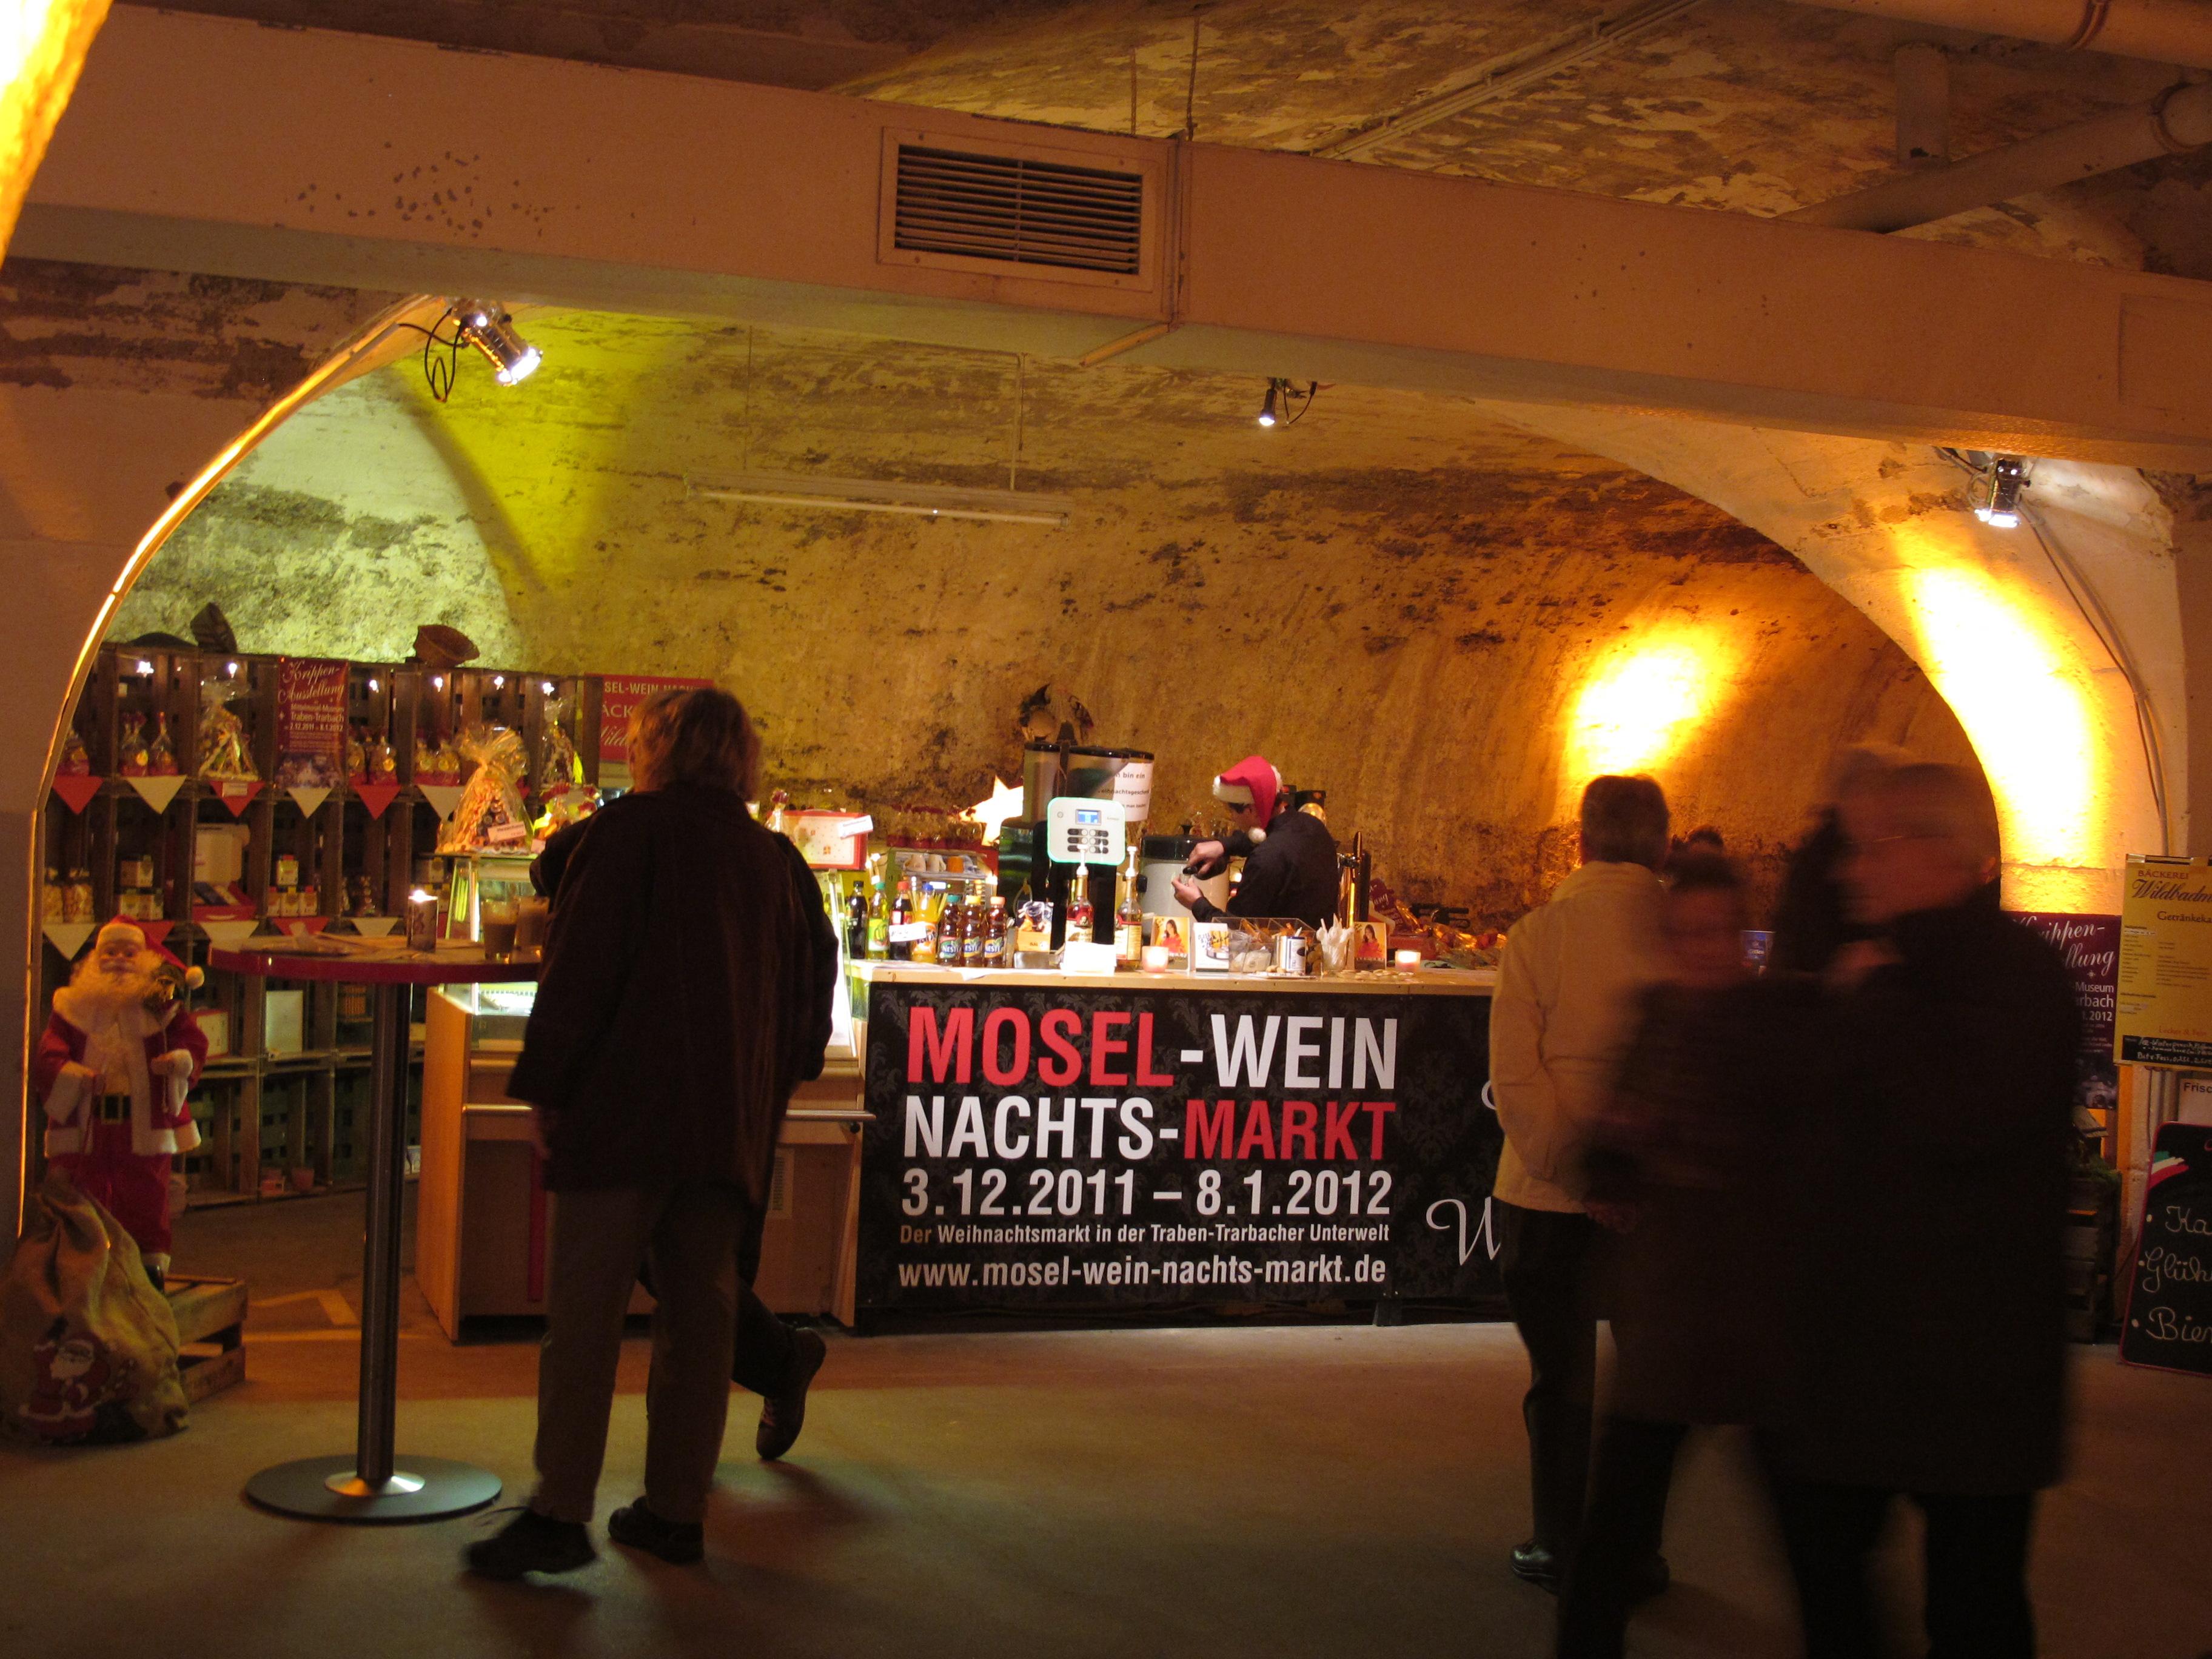 Weihnachtsmarkt Traben Trarbach.Mosel Wein Nachts Markt 2017 In Der Unterwelt Von Traben Trarbach